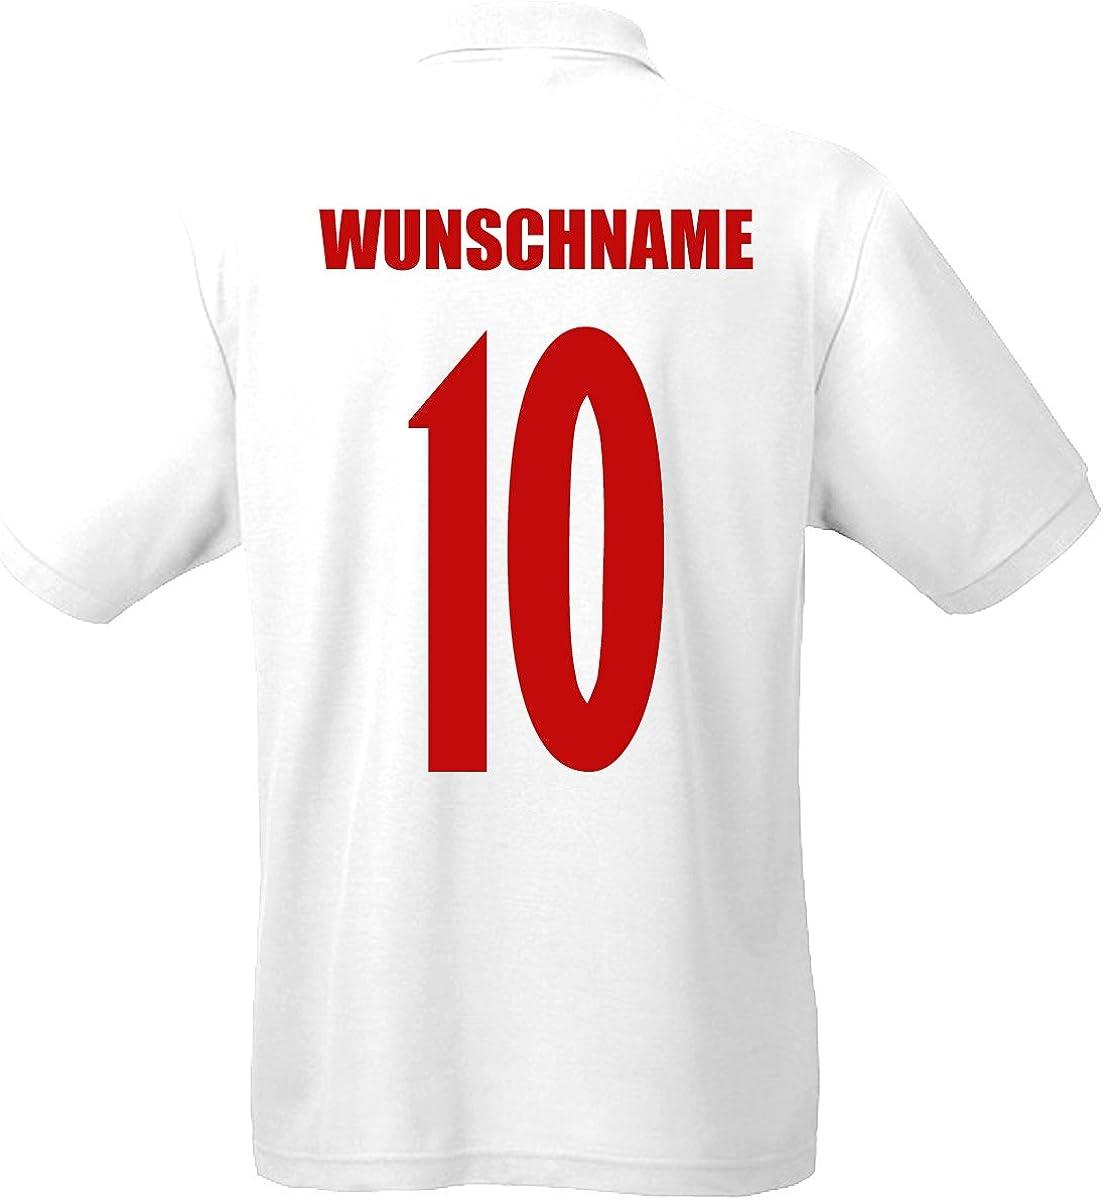 Kroatien Hrvatska EM-2020 Polo-Shirt Wunschname Wunschnummer